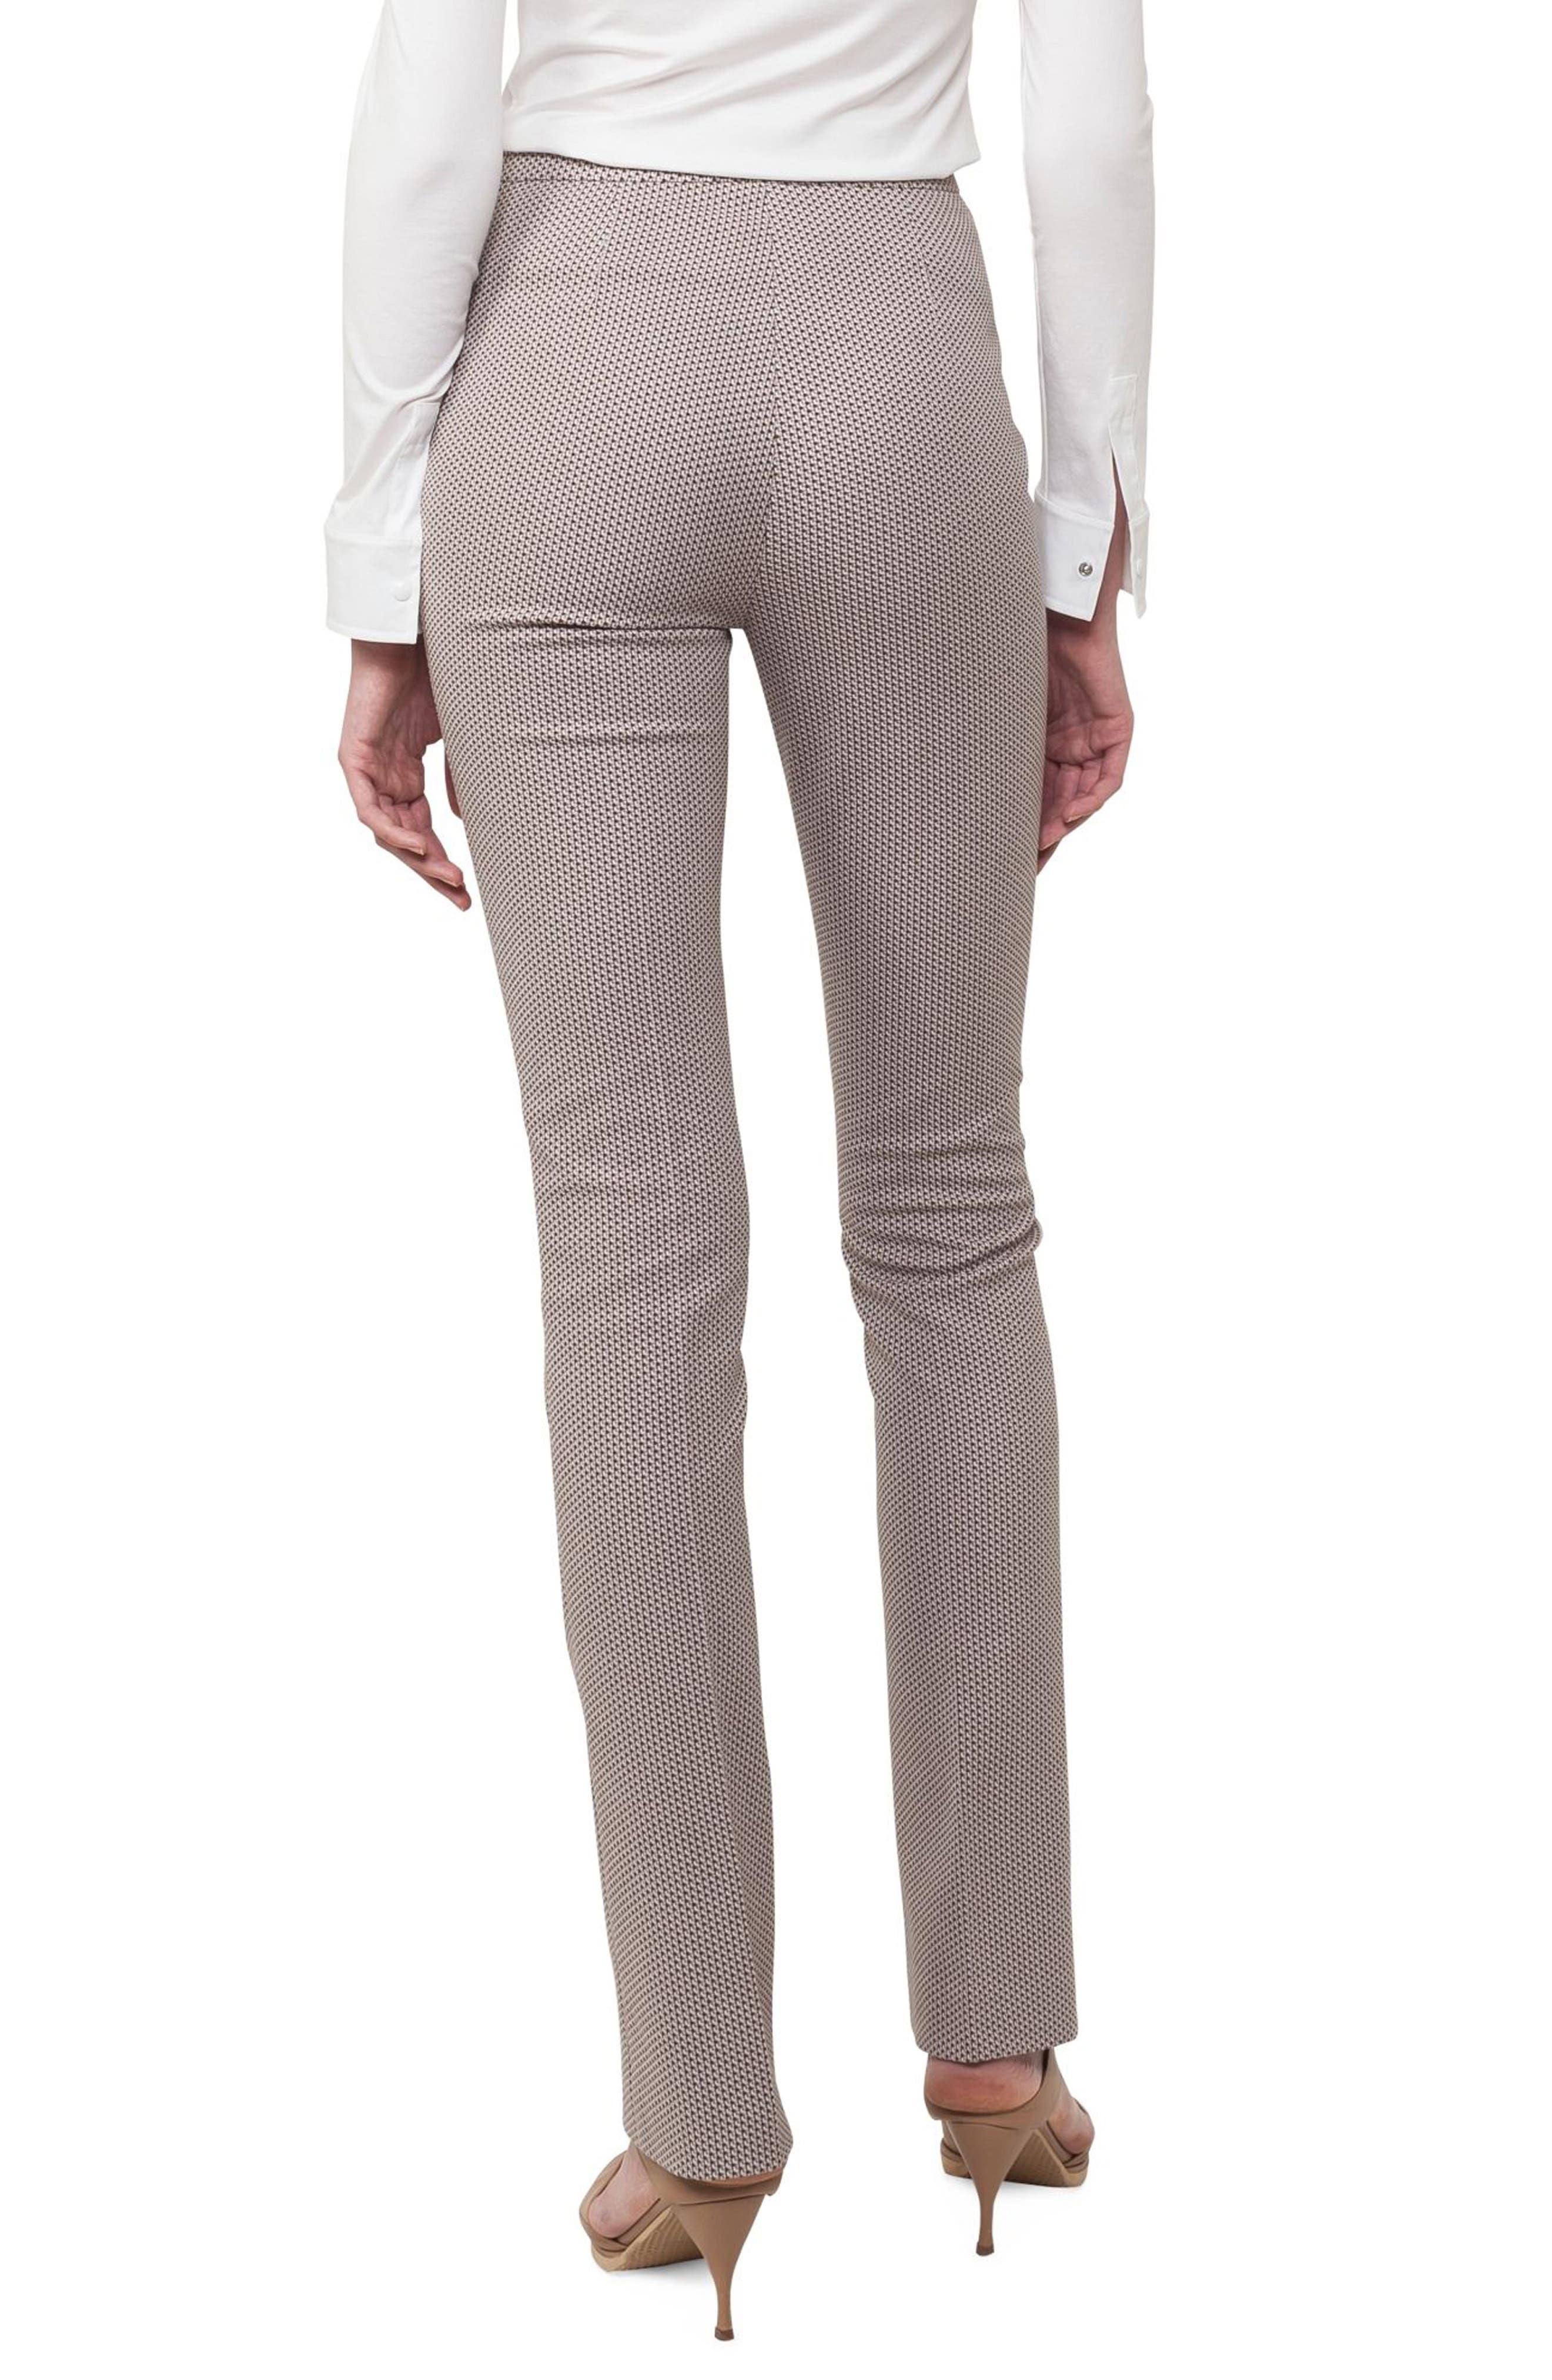 Claire Stretch Cotton Pants,                             Alternate thumbnail 2, color,                             250